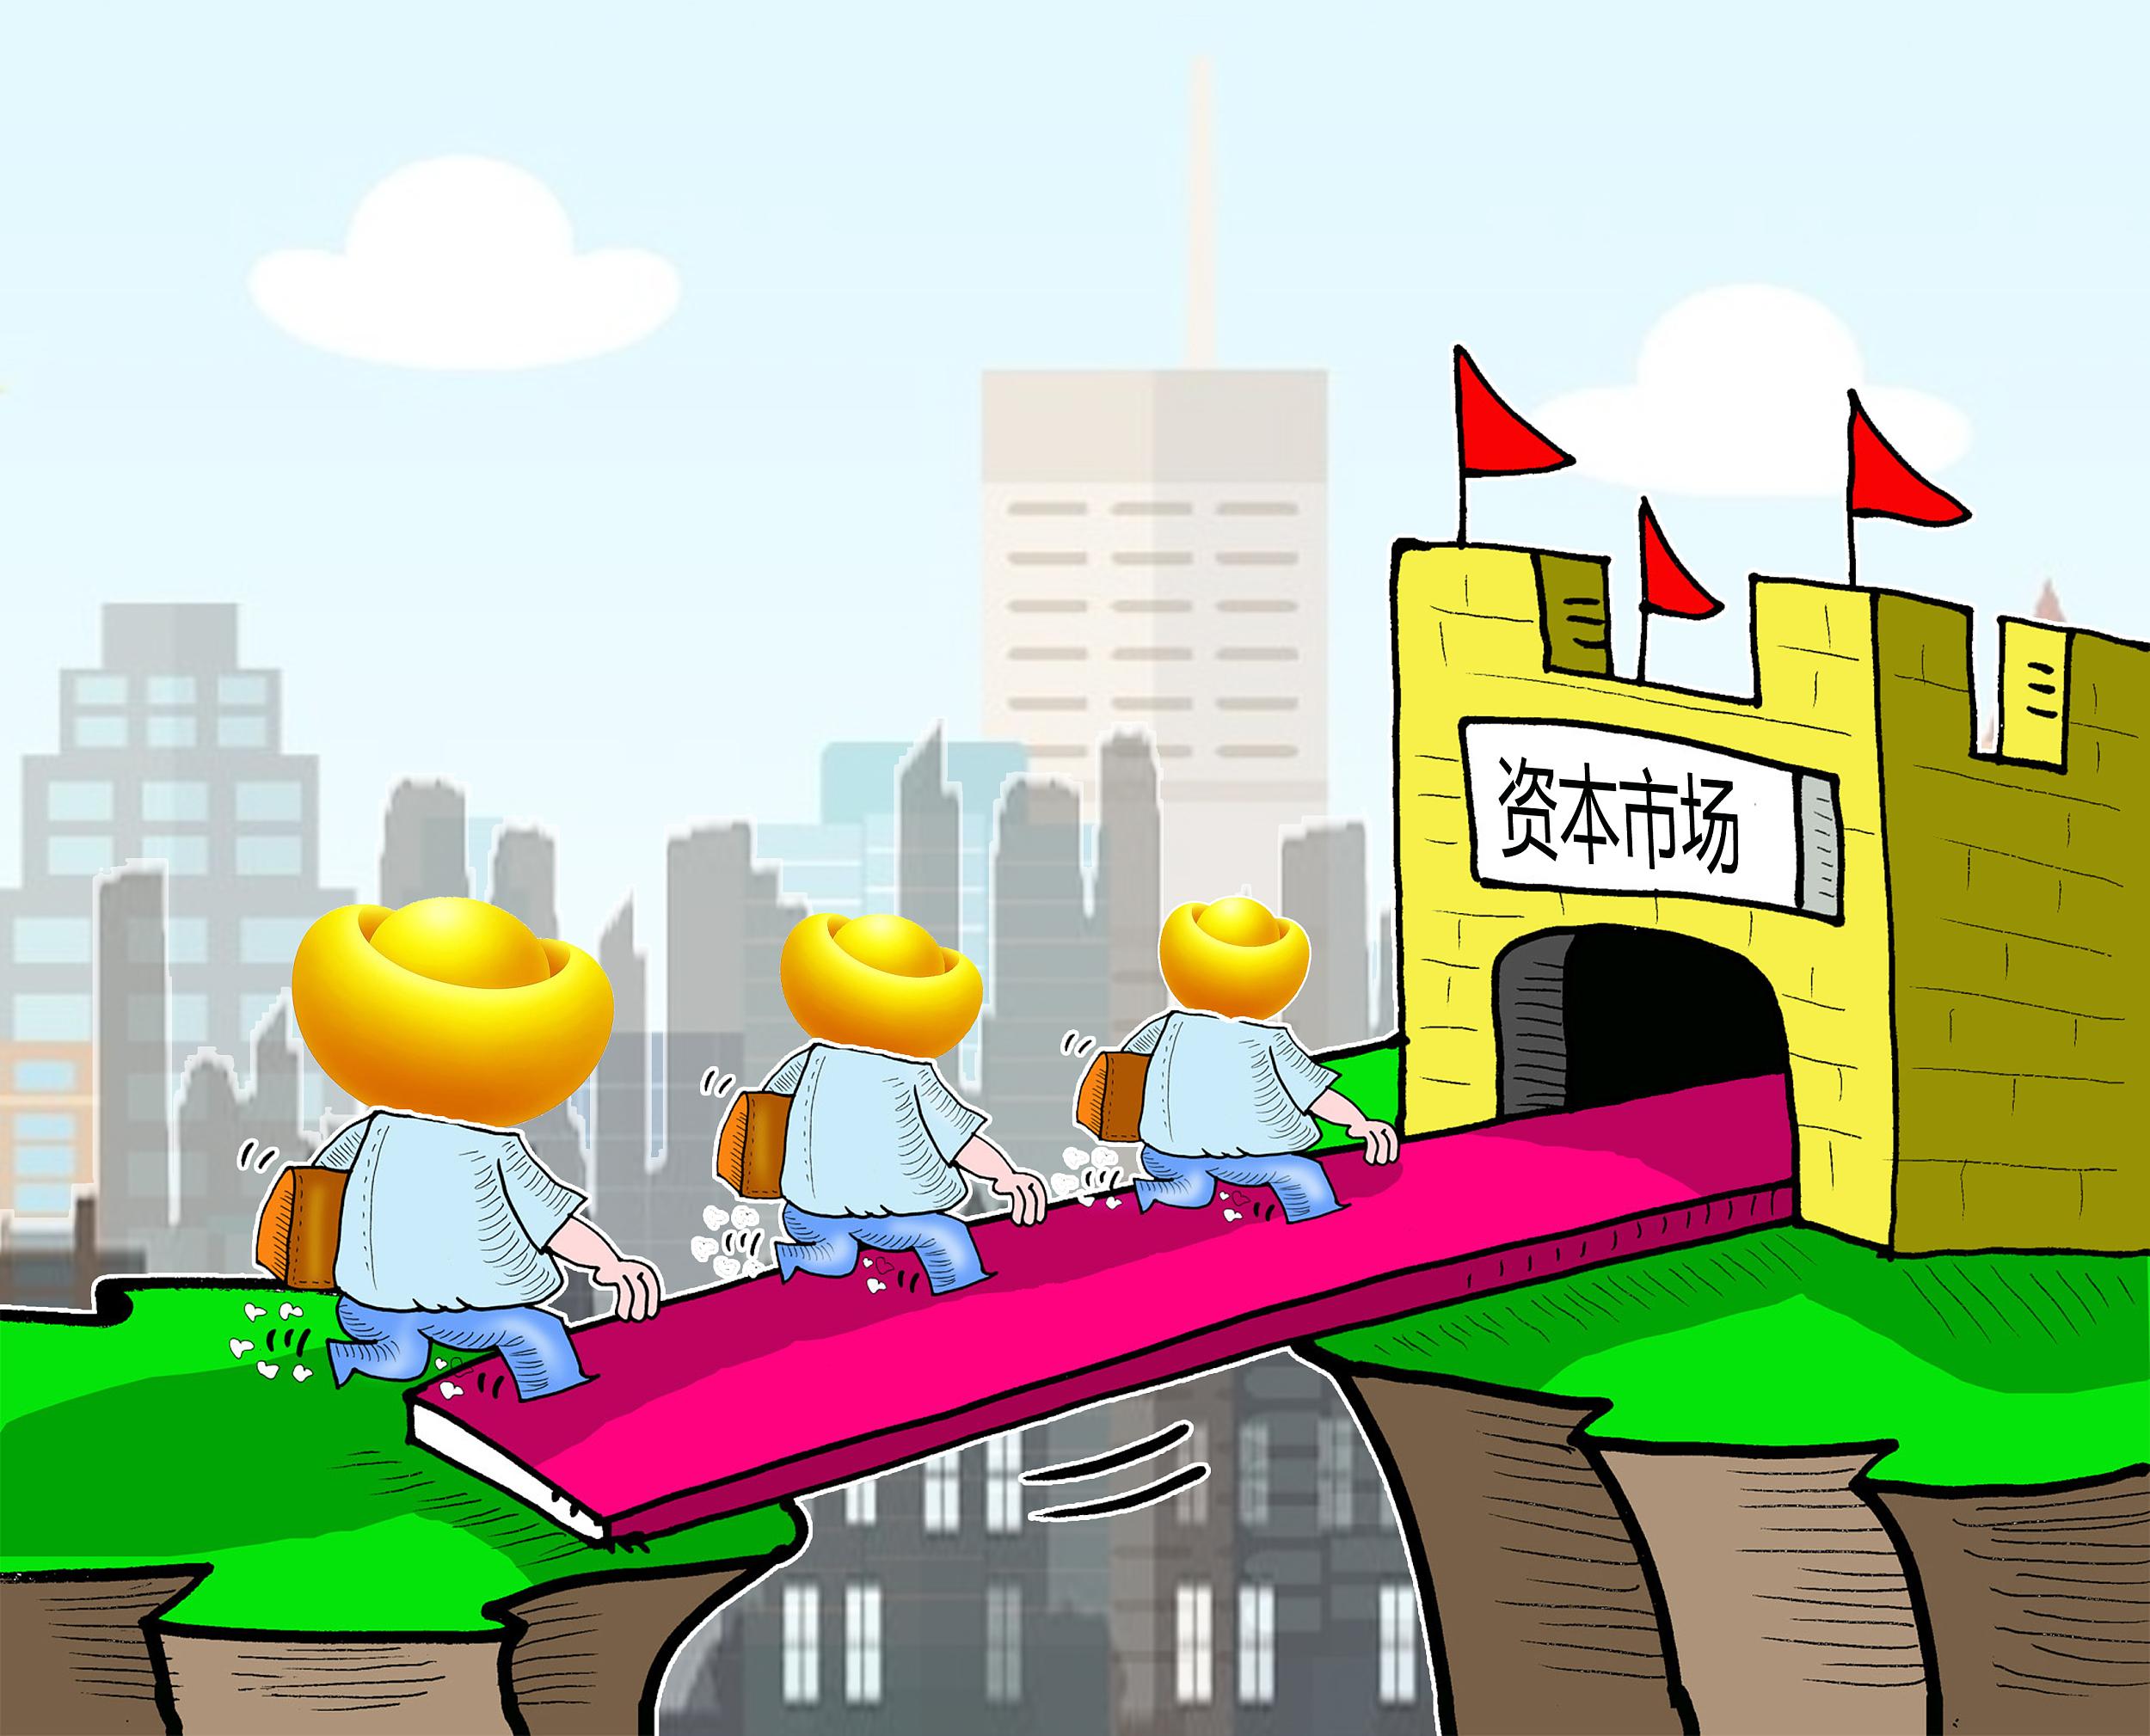 沪伦通年内开通 中国加快资本市场开放节奏幅度